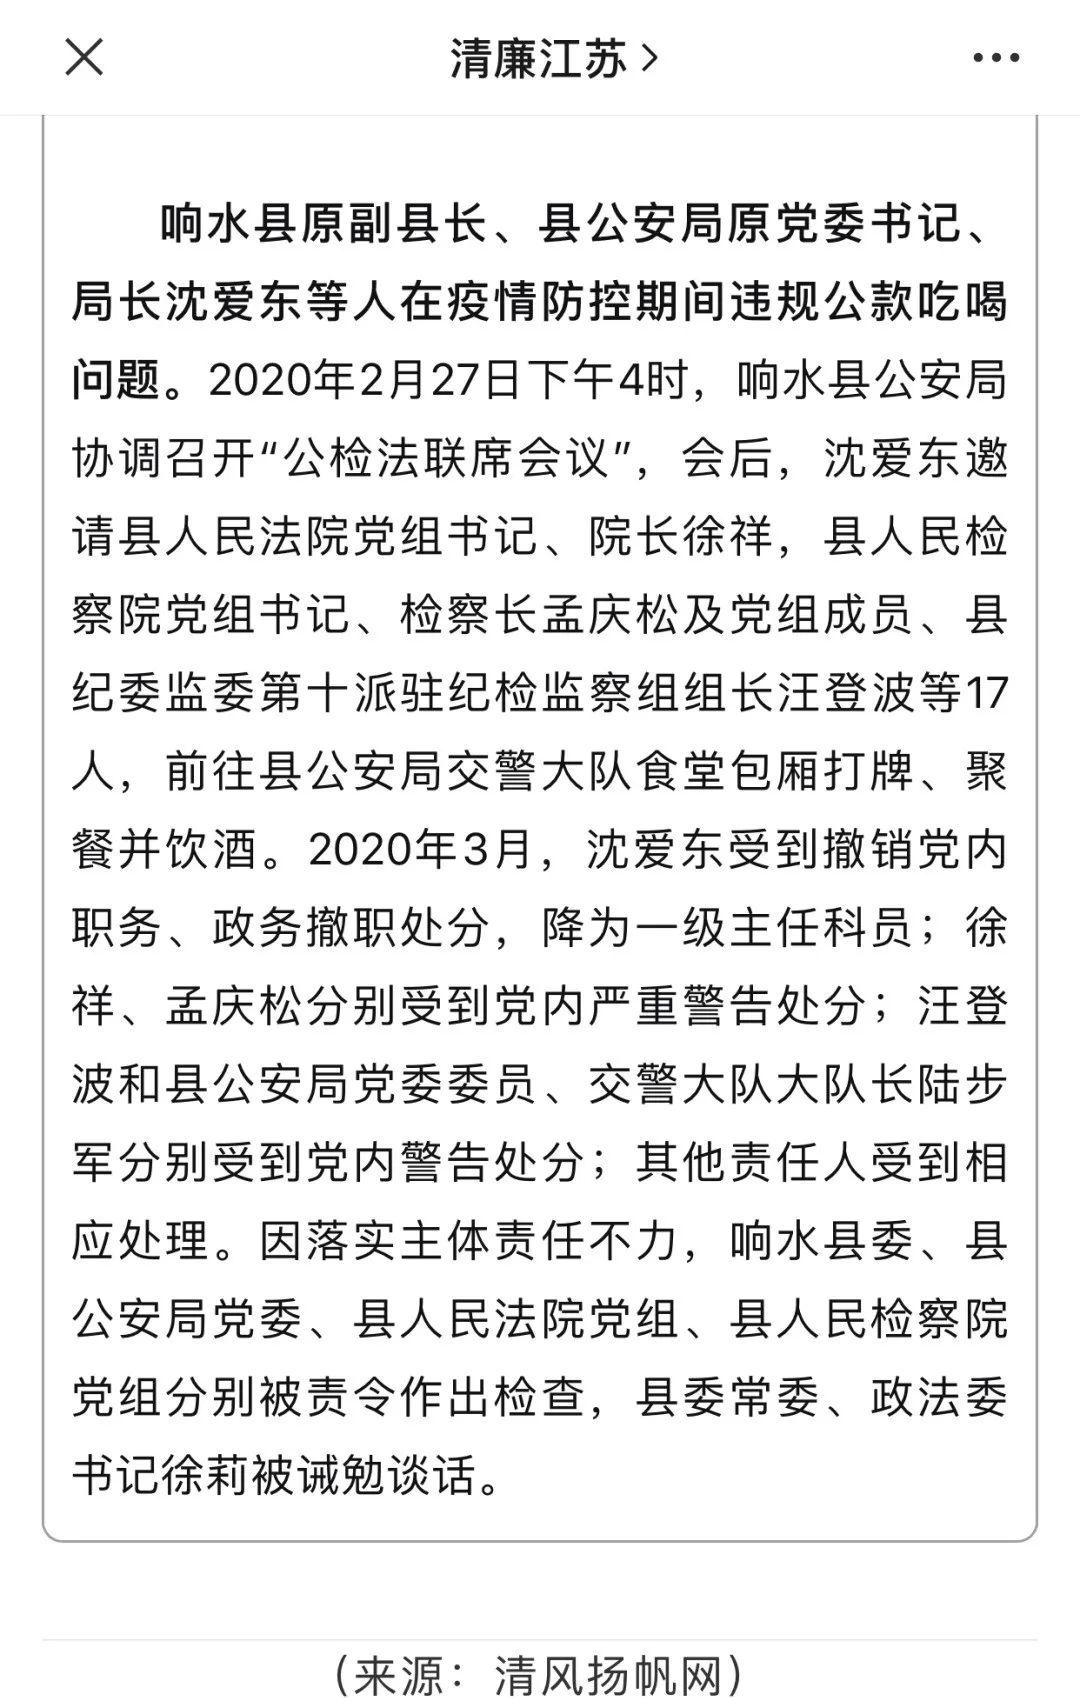 [摩天开户]新京报抗疫期顶摩天开户风公款聚餐公检图片